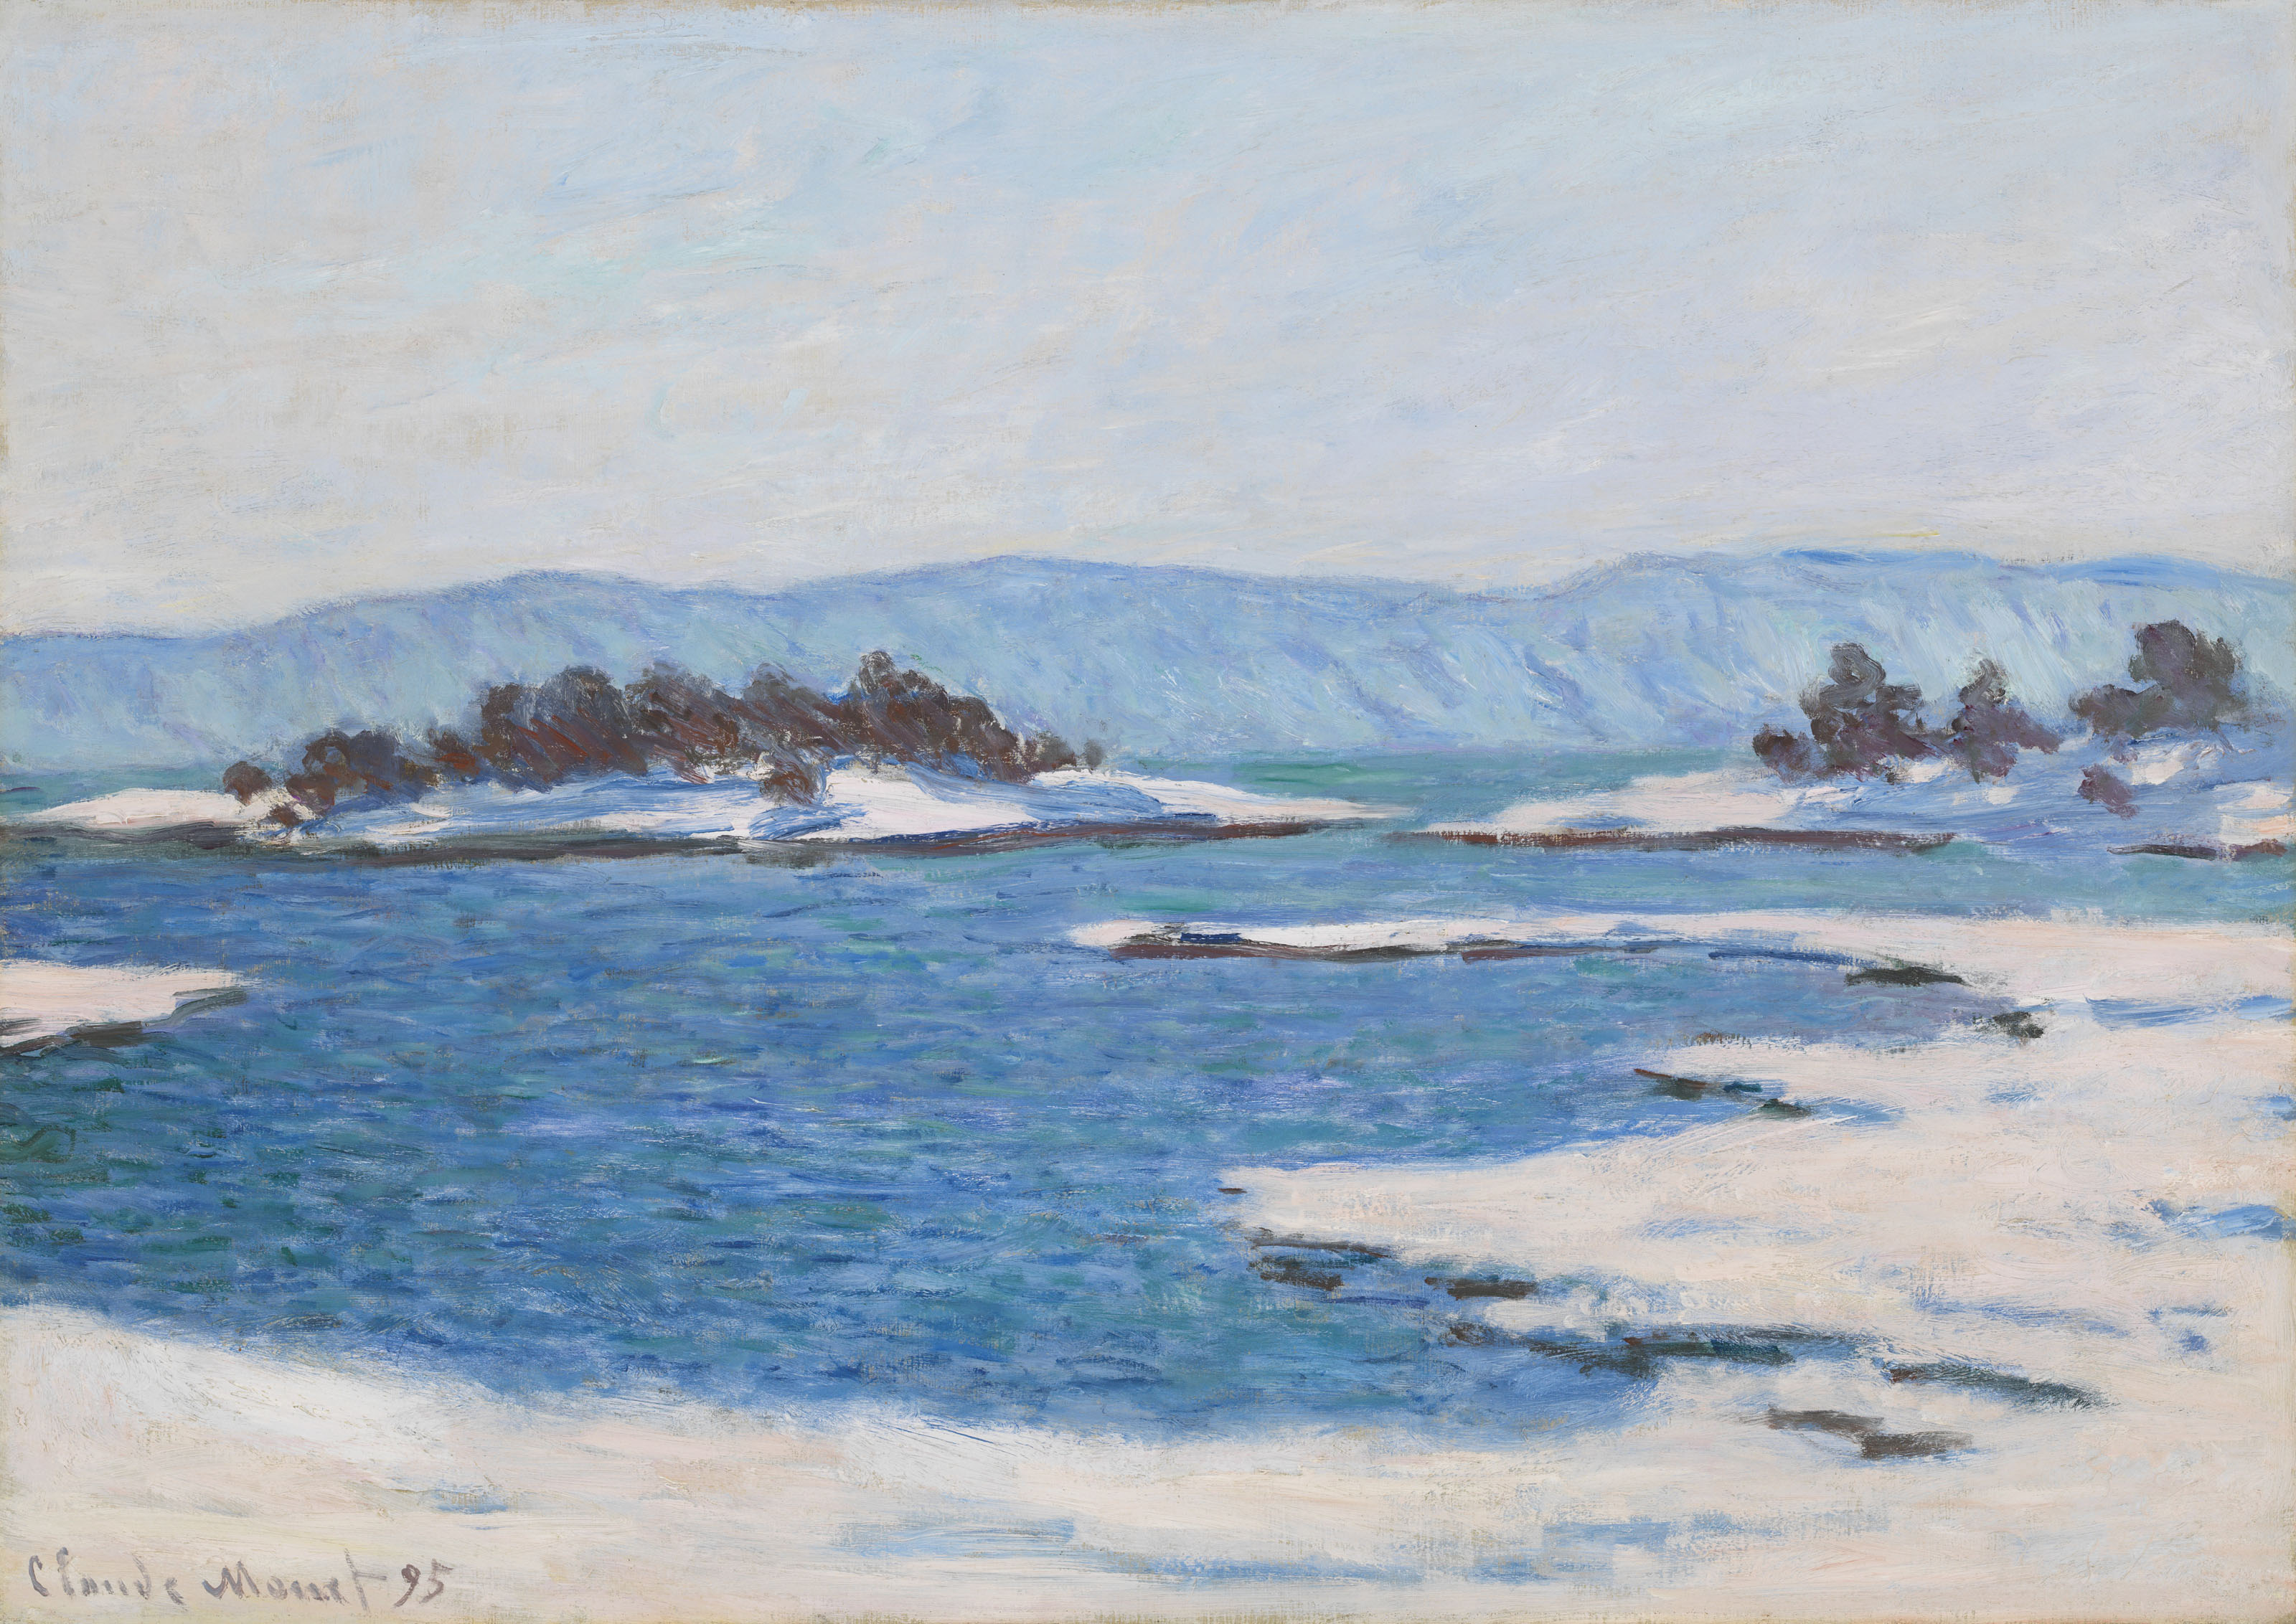 речной пейзаж < Край фьёрда, Кристиания >:: Клод Моне, описание картины - Моне Клод (Claude Monet) фото